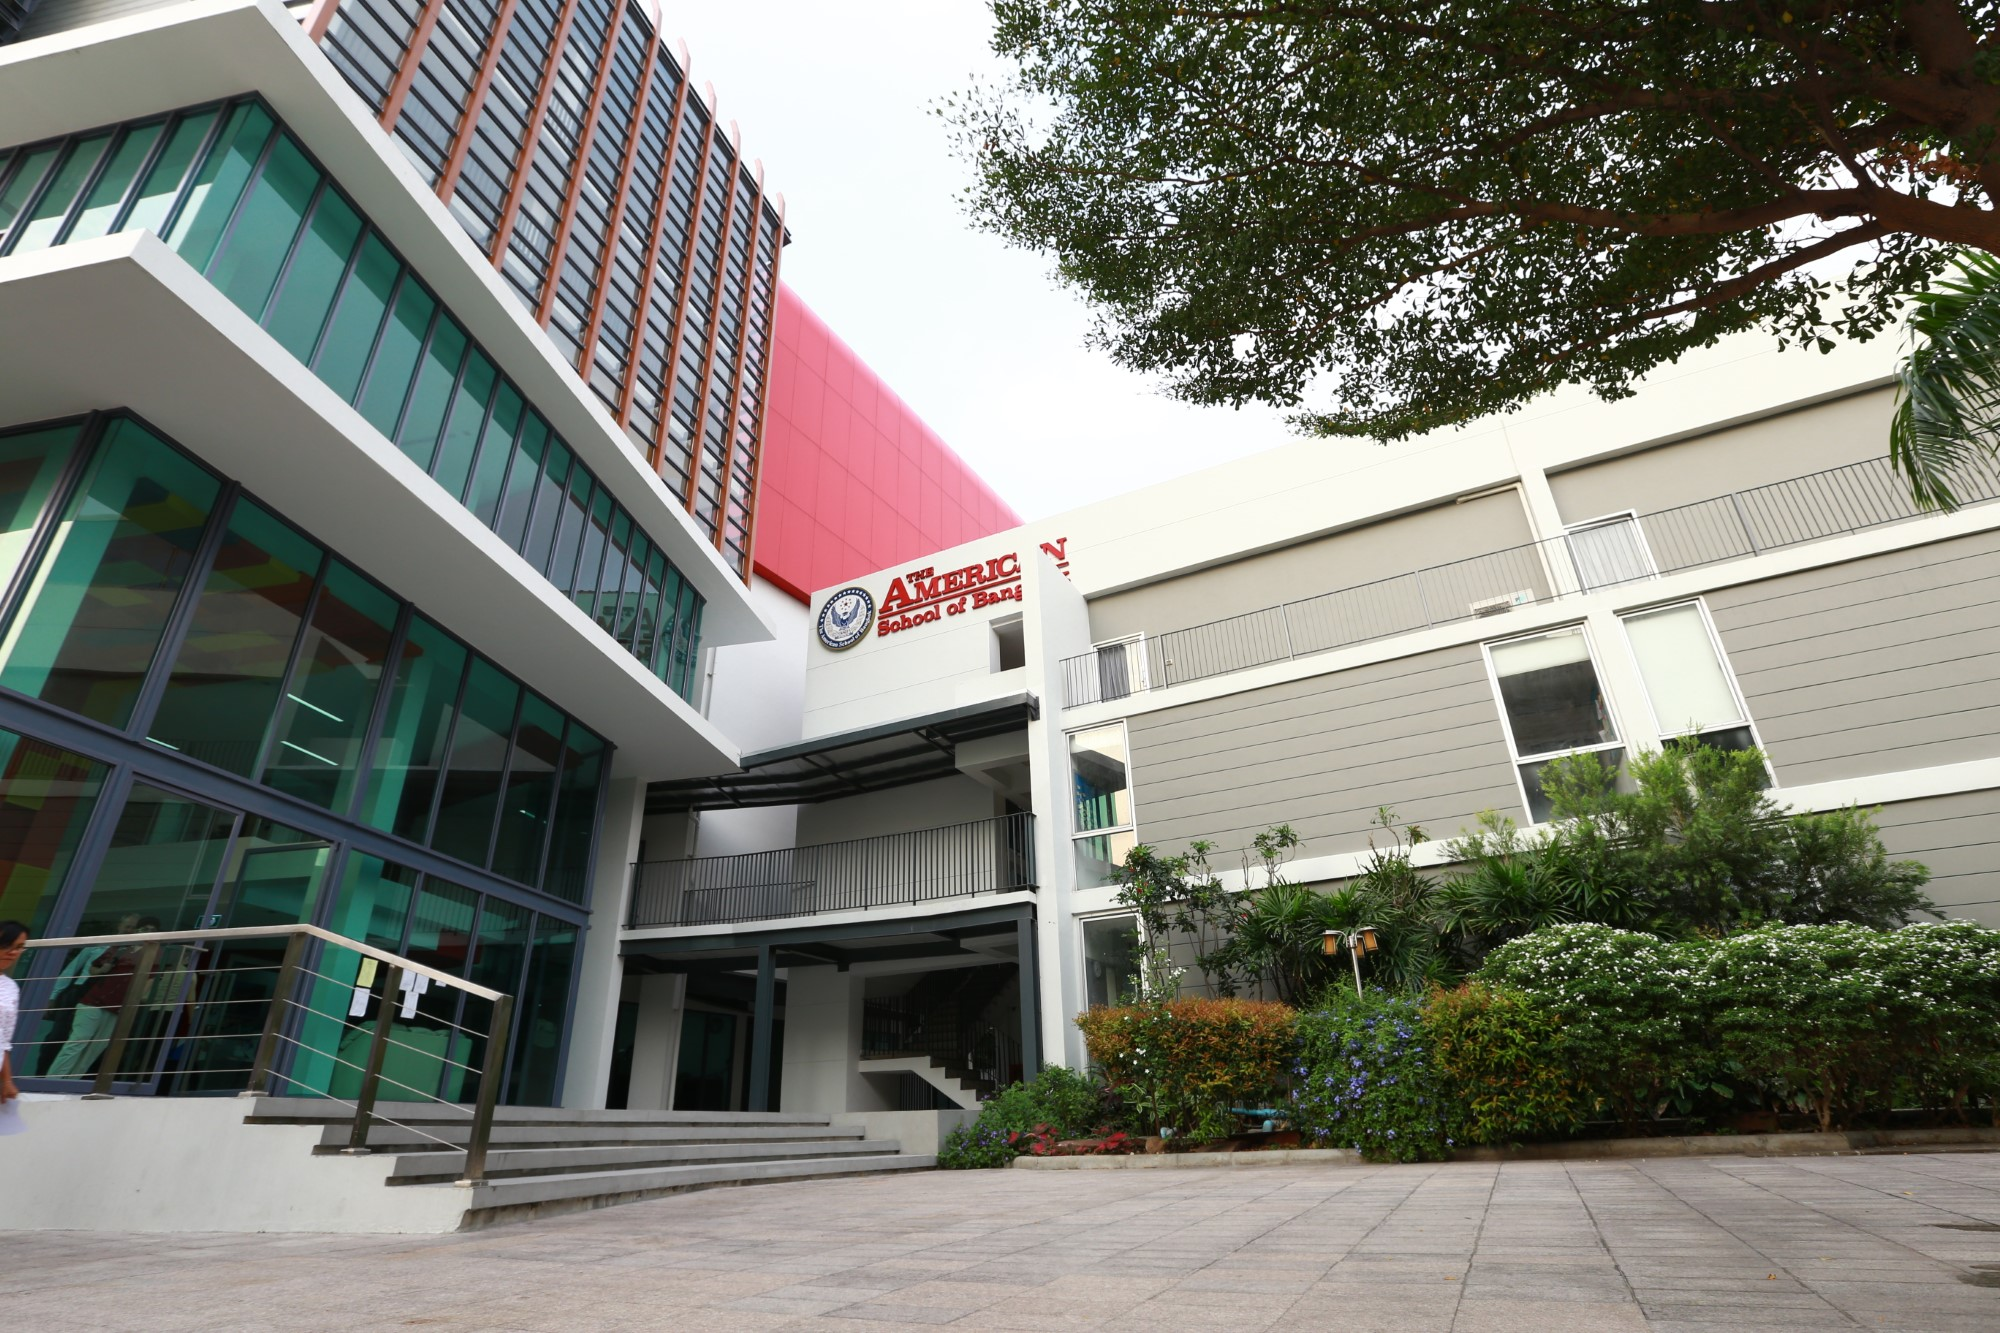 曼谷美国学校 ASB 素坤逸校区 Sukhumvit Campus 曼谷国学校 素坤逸校区